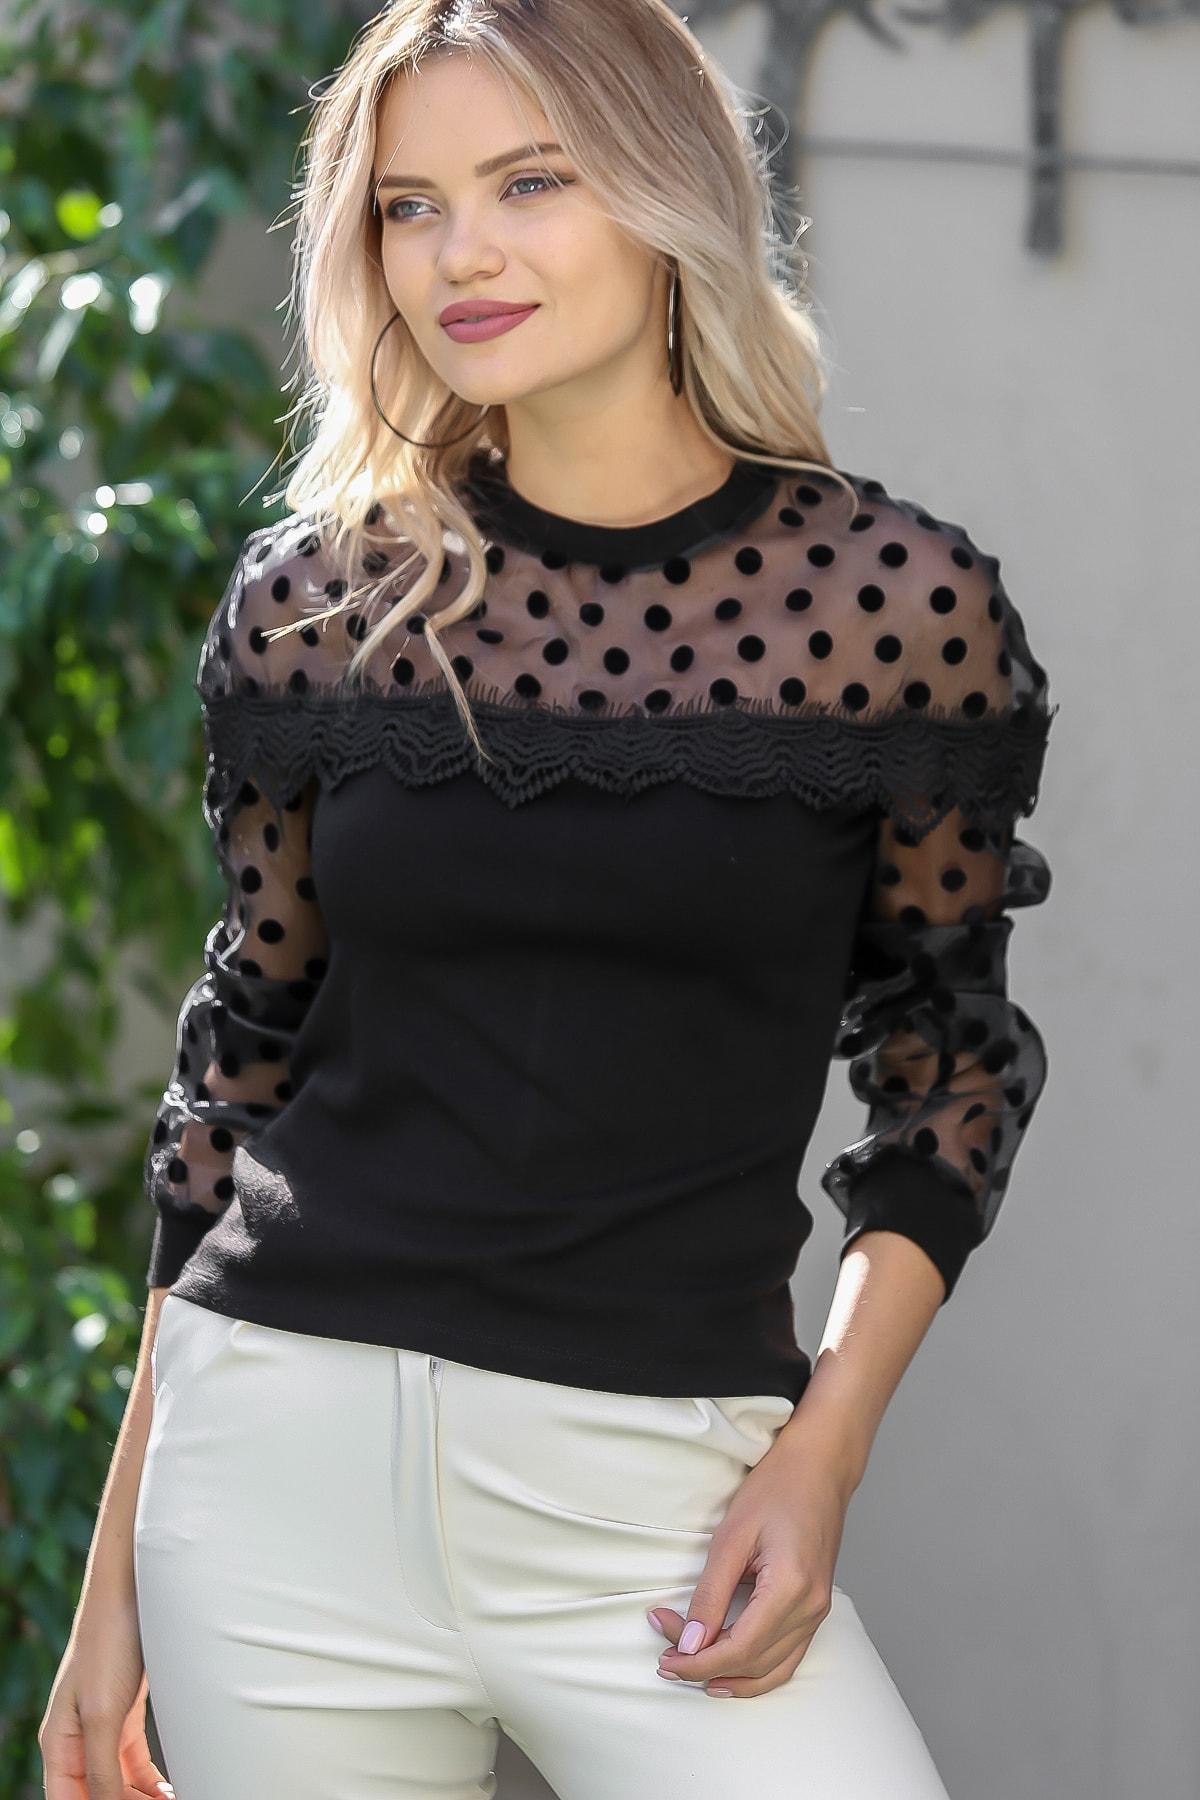 Chiccy Kadın Siyah Flok Puantiye Roba Ve Kolları Organze Dantel Detaylı Bluz M10010200bl95790 1